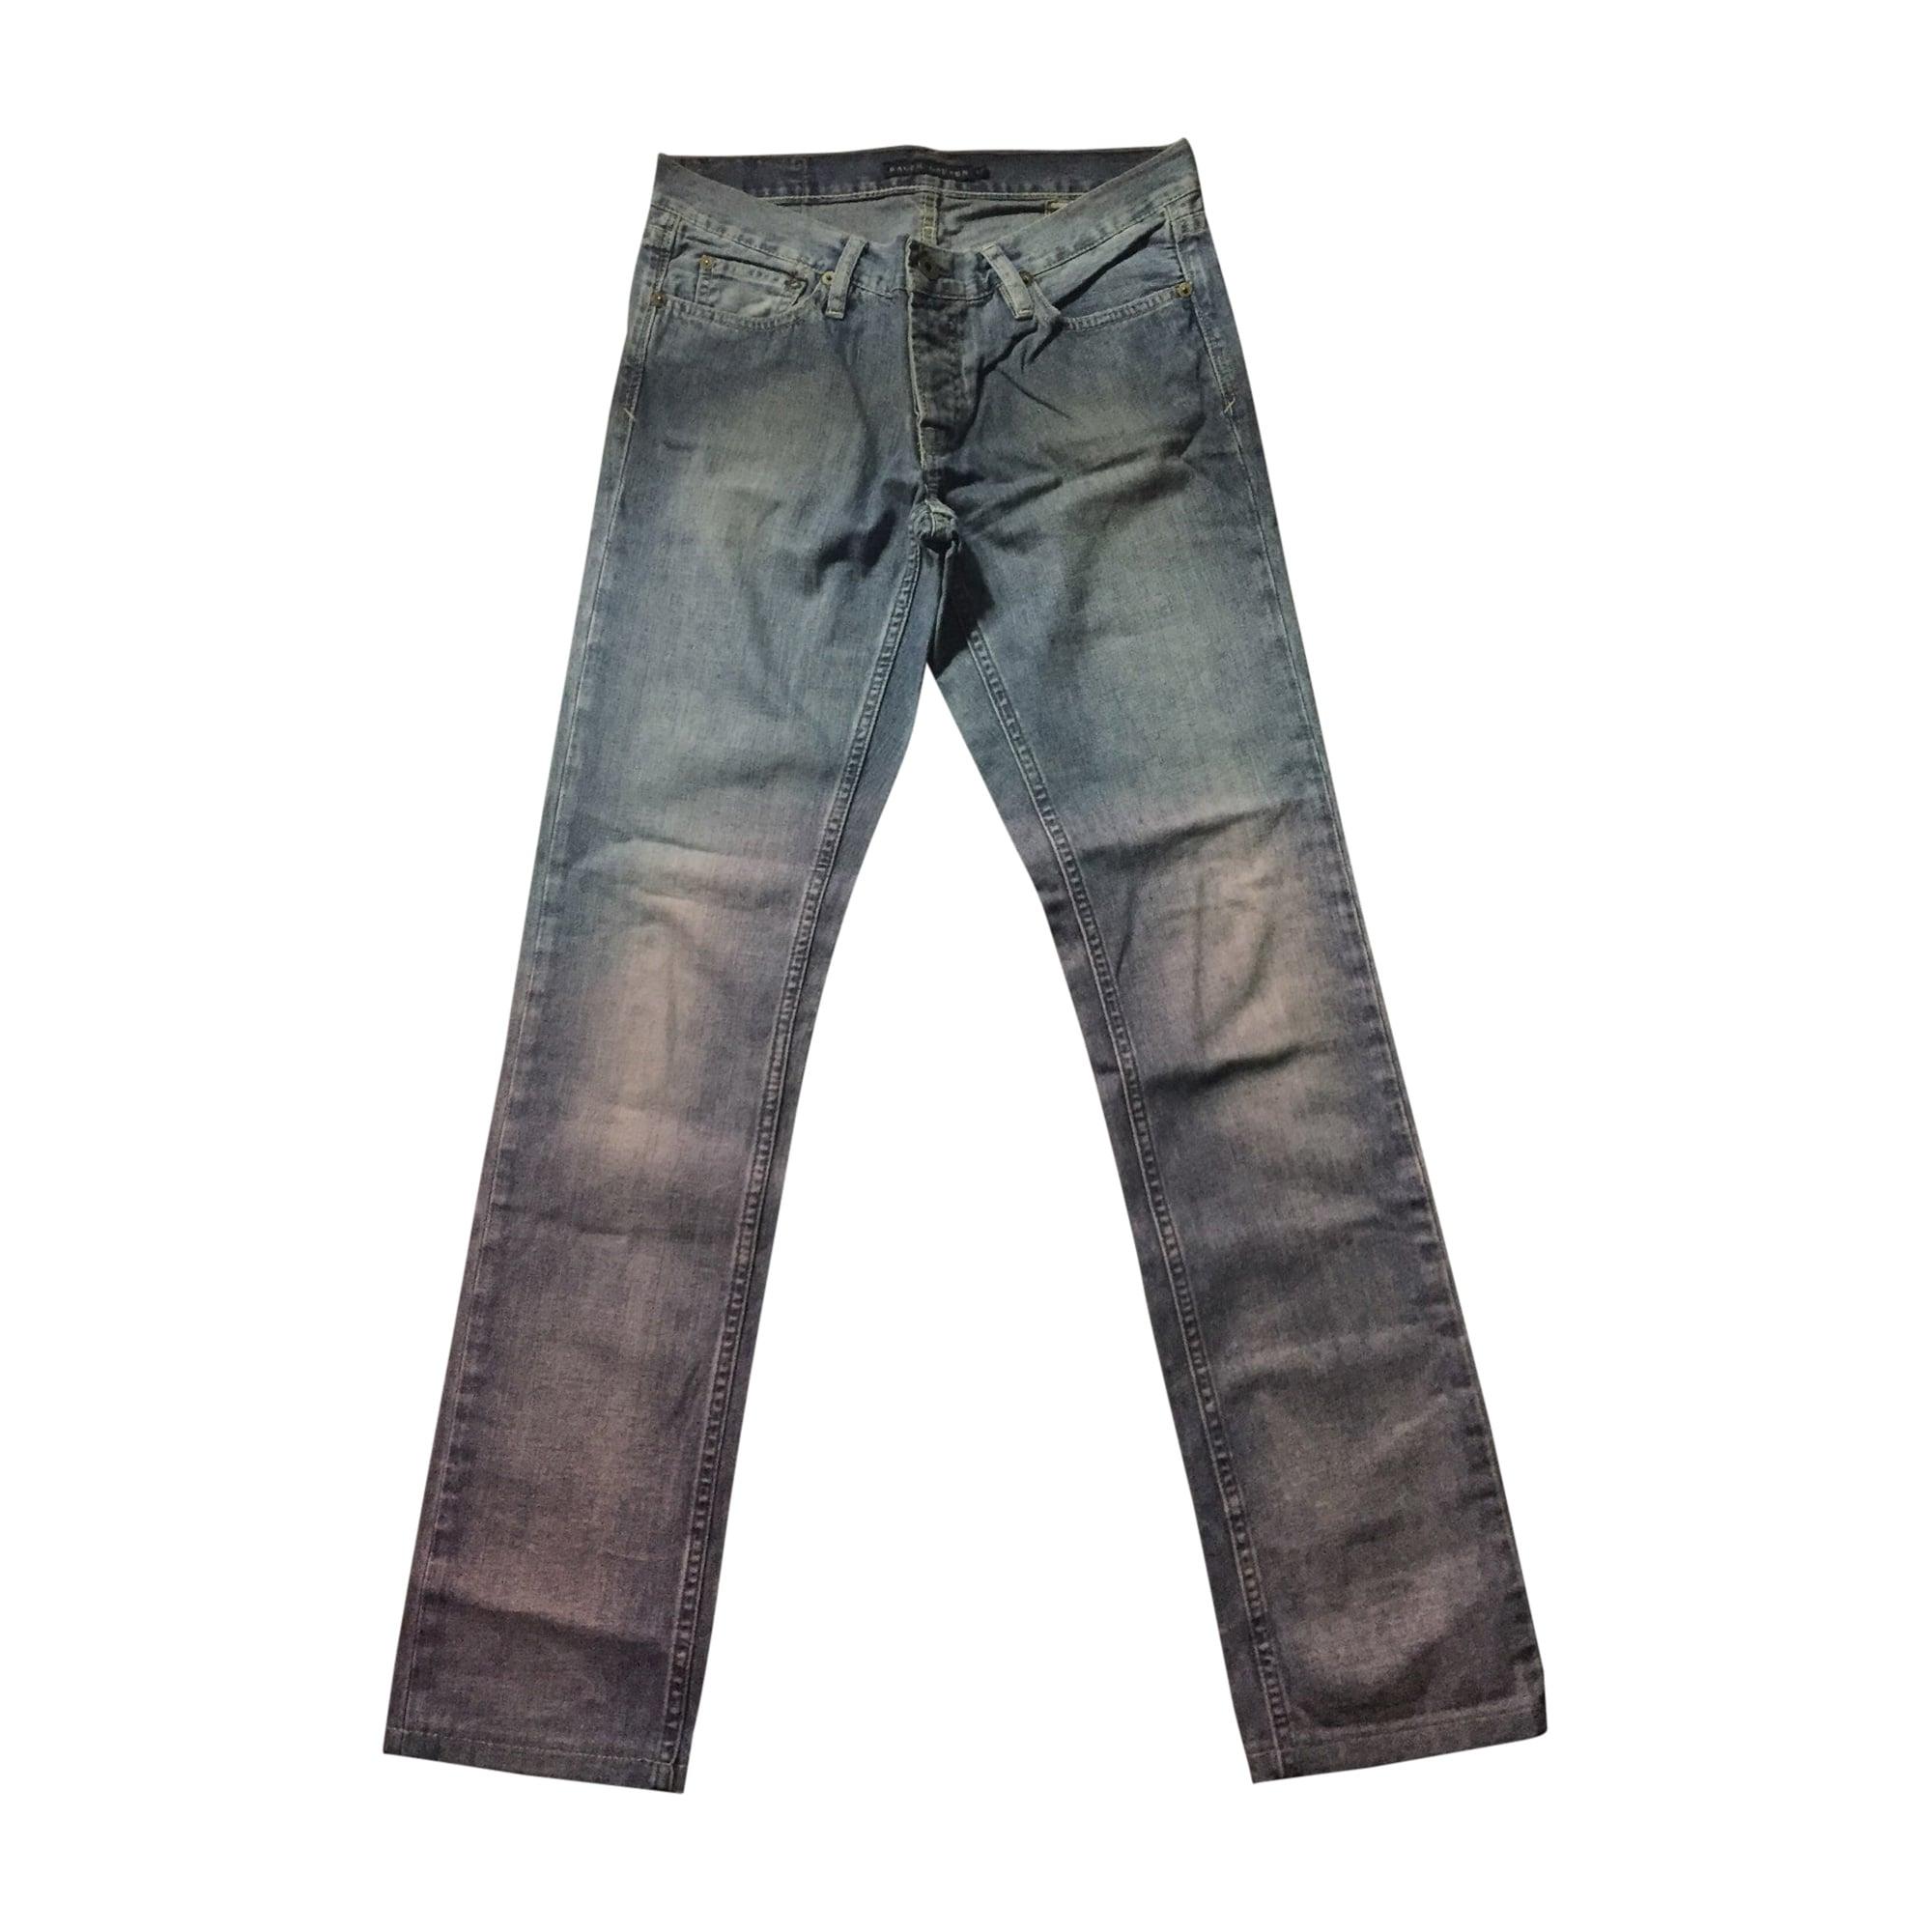 Jeans droit RALPH LAUREN Bleu, bleu marine, bleu turquoise